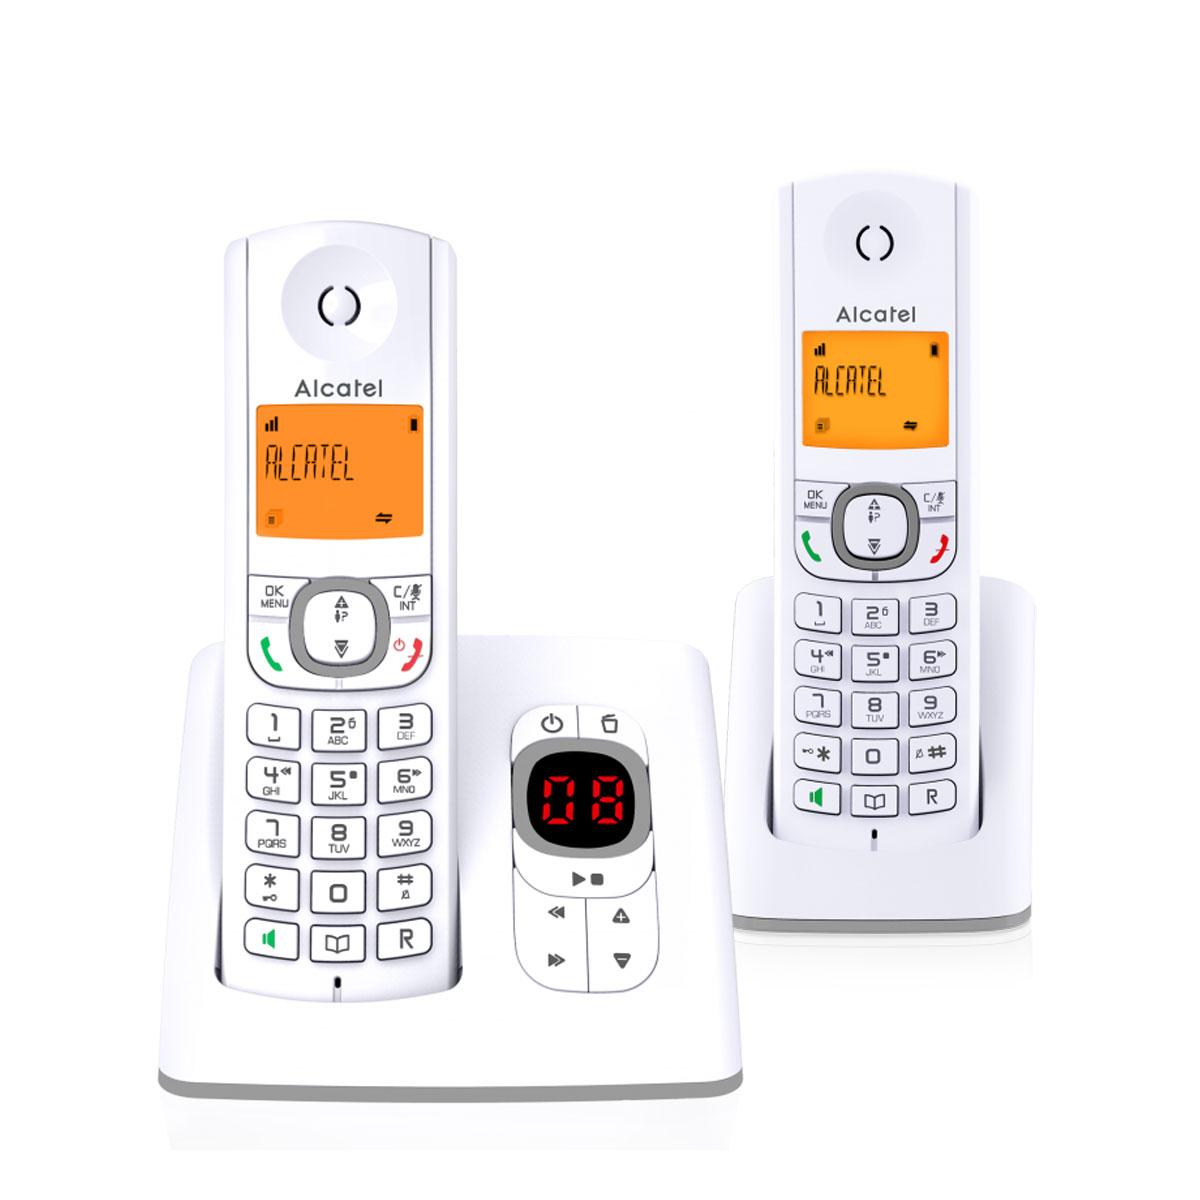 Téléphone sans fil Alcatel F530 Voice Duo Gris Téléphone sans fil avec répondeur et 1 combiné supplémentaire